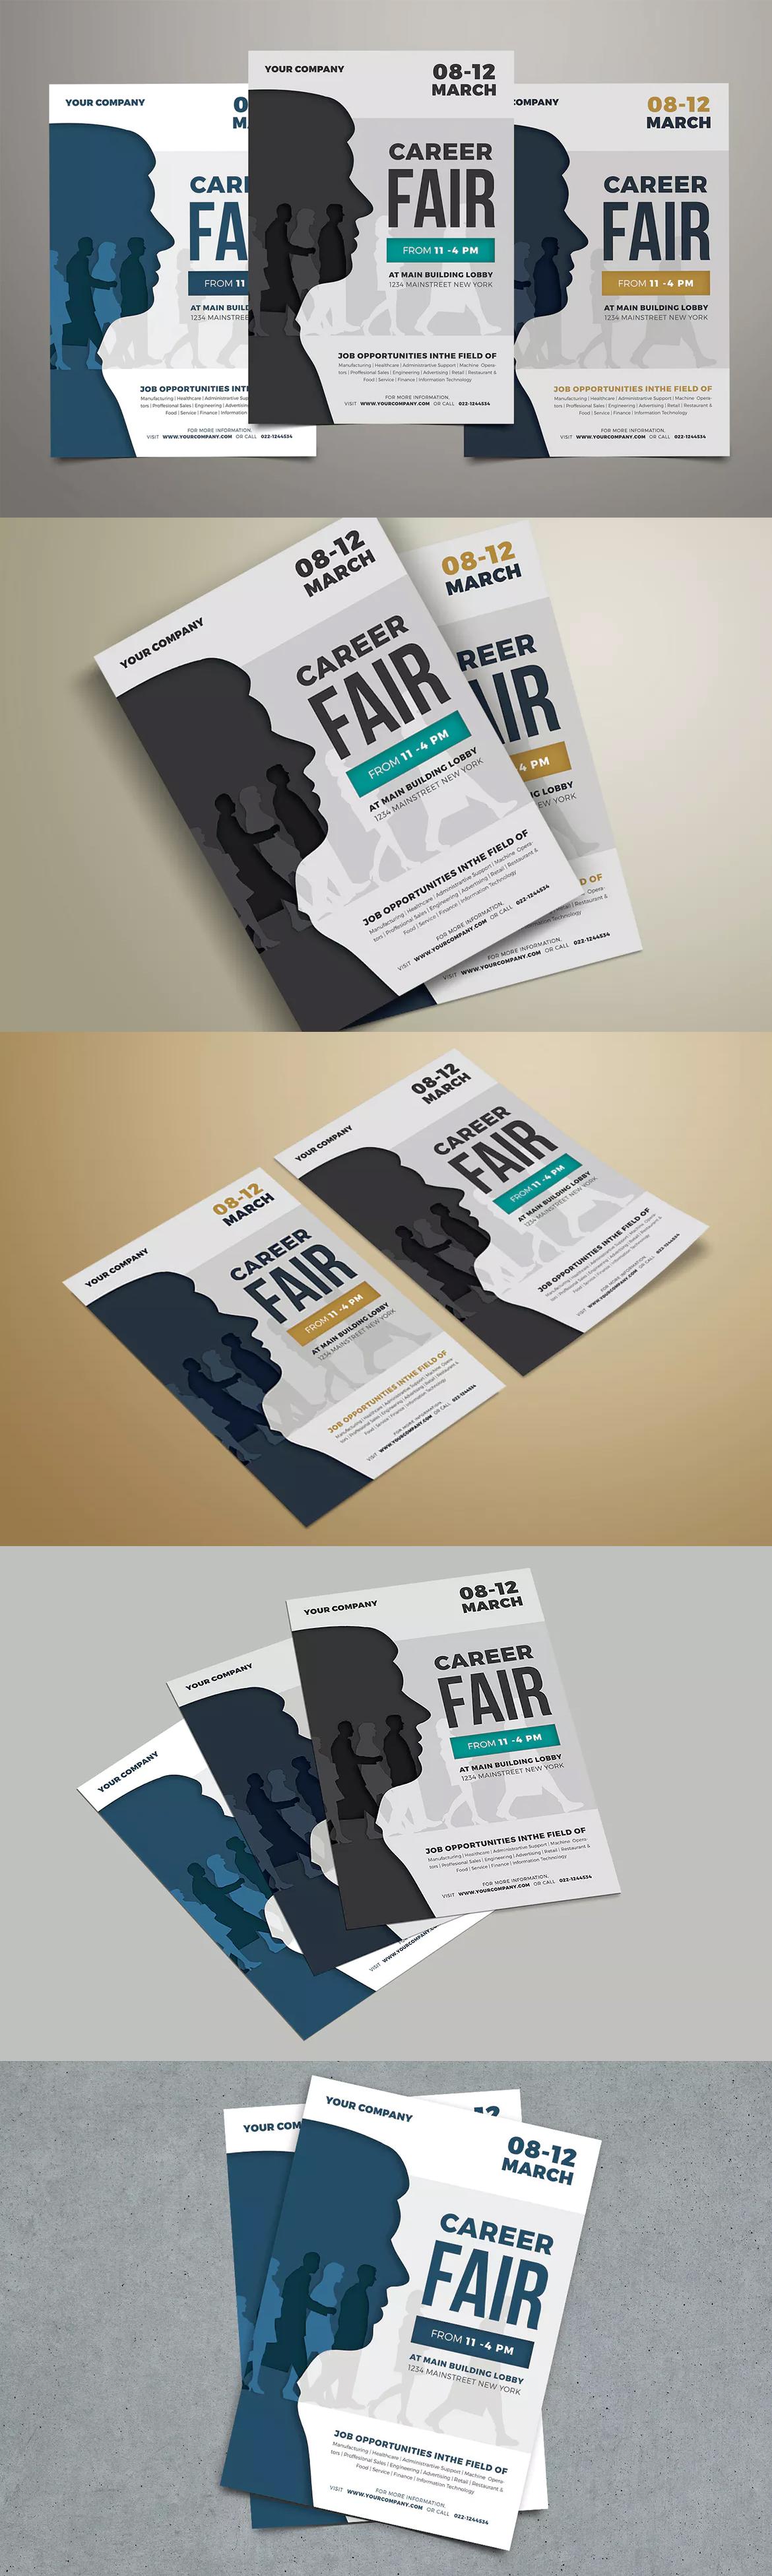 Graphic Design Inspiration · Job Fair Event Flyer Template PSD A4